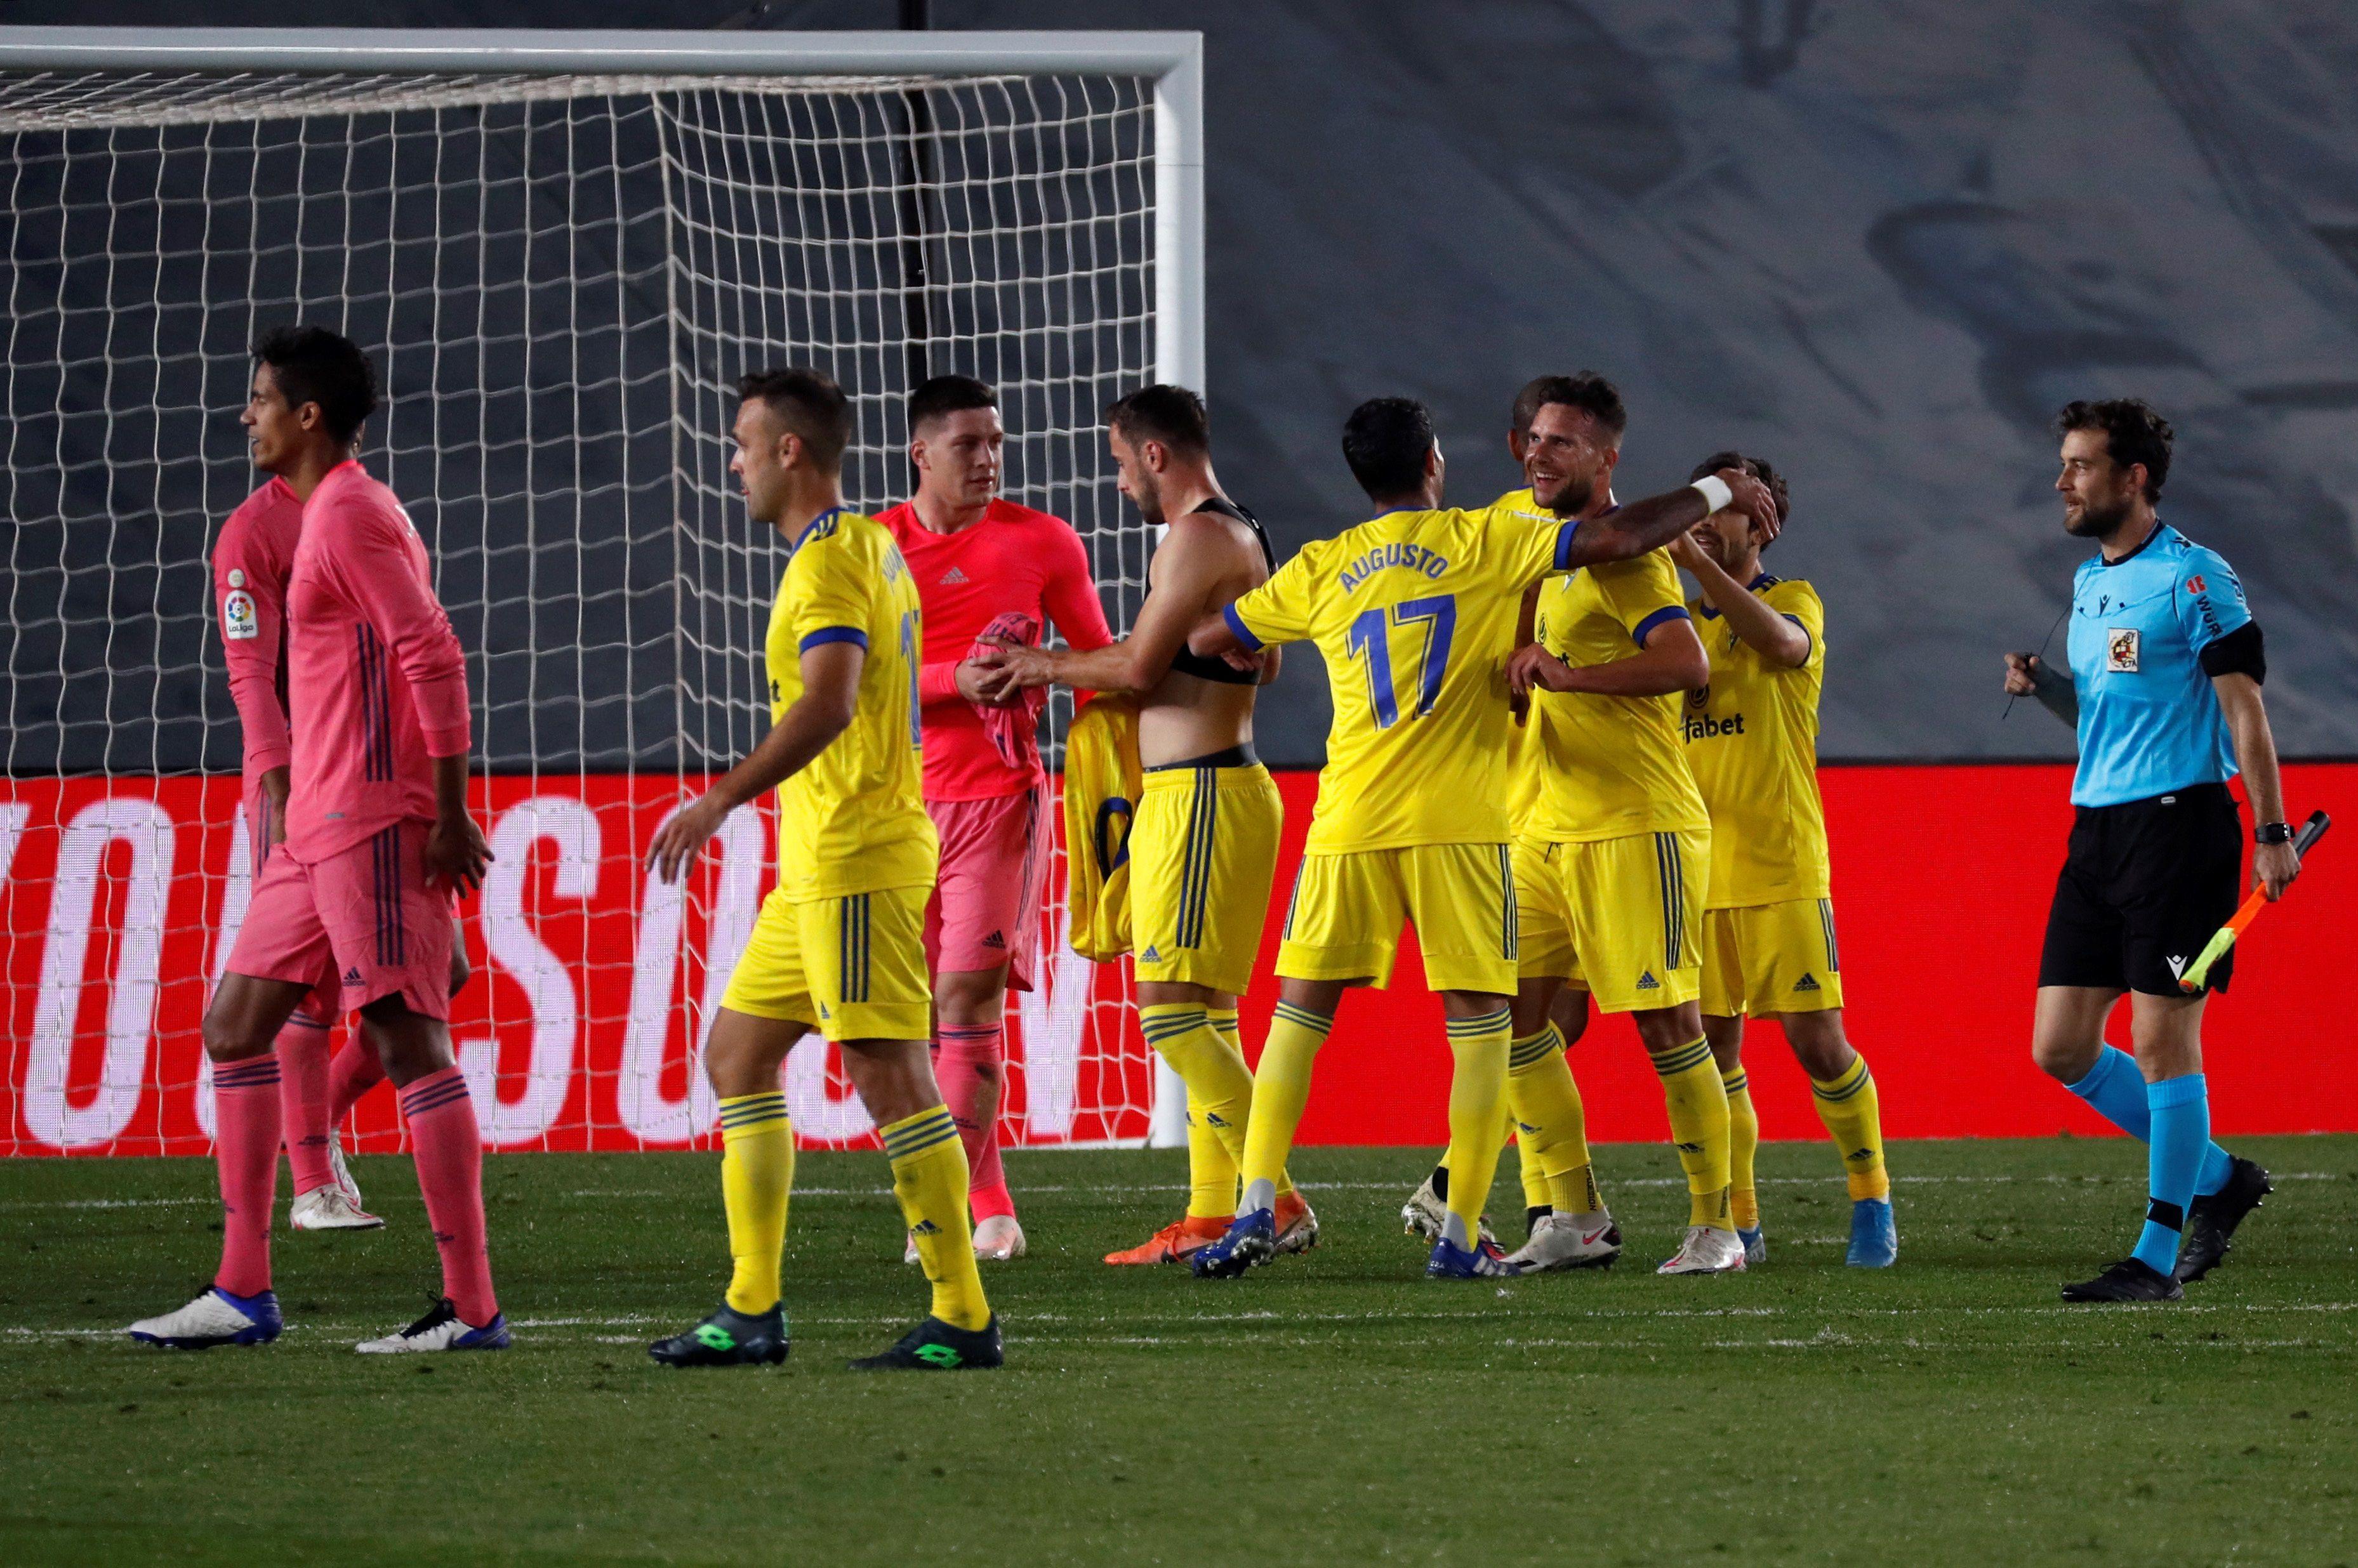 Los jugadores del Cádiz celebran la victoria ante el Real Madrid, al término del partido de Liga en Primera División disputado este sábado en el estadio Alfredo Di Stéfano. EFE/J.J. Guillén